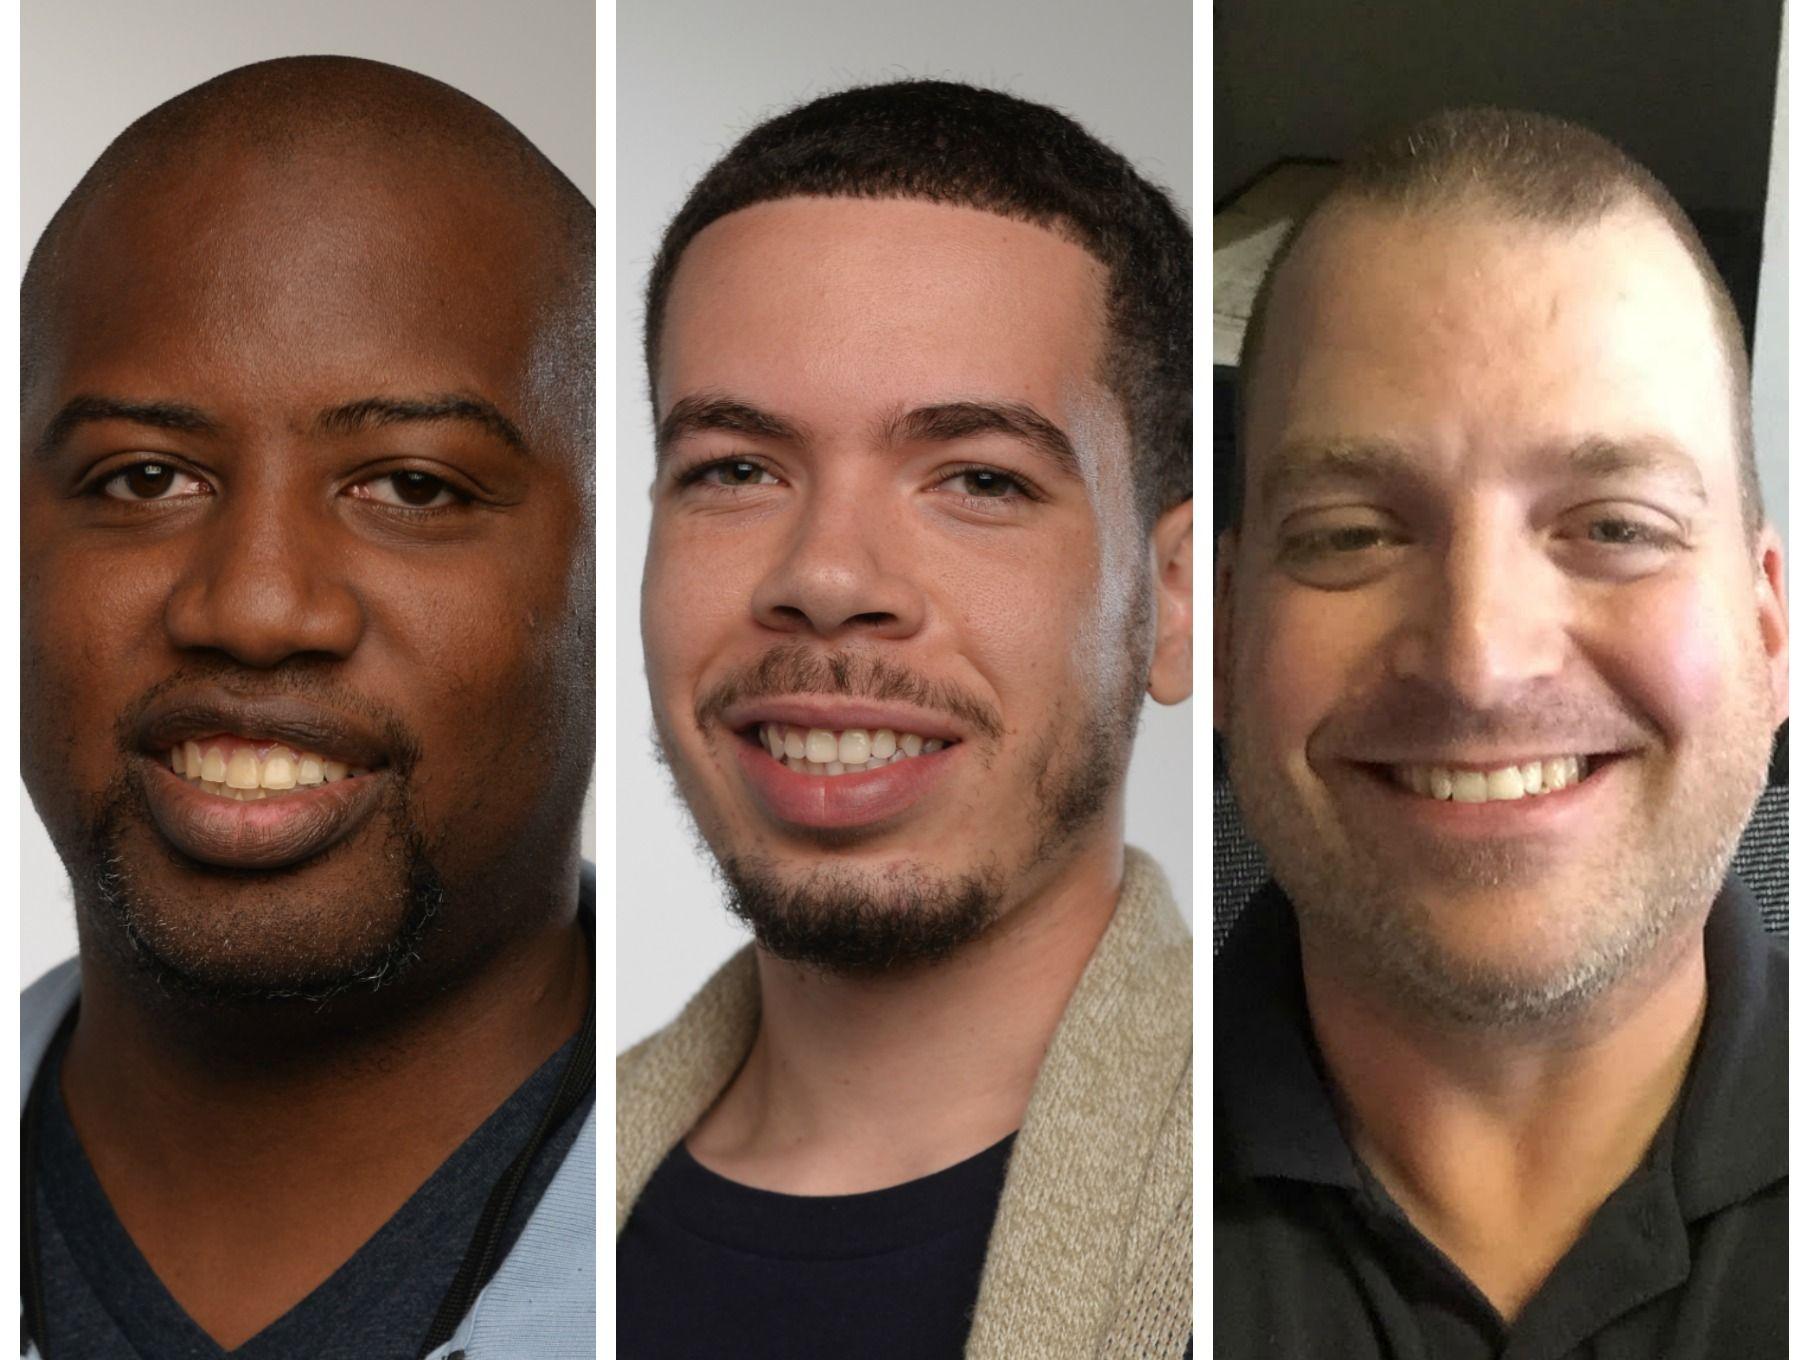 Brian Calloway, James Edwards III and Brock Palmbos make their weekly football predictions.